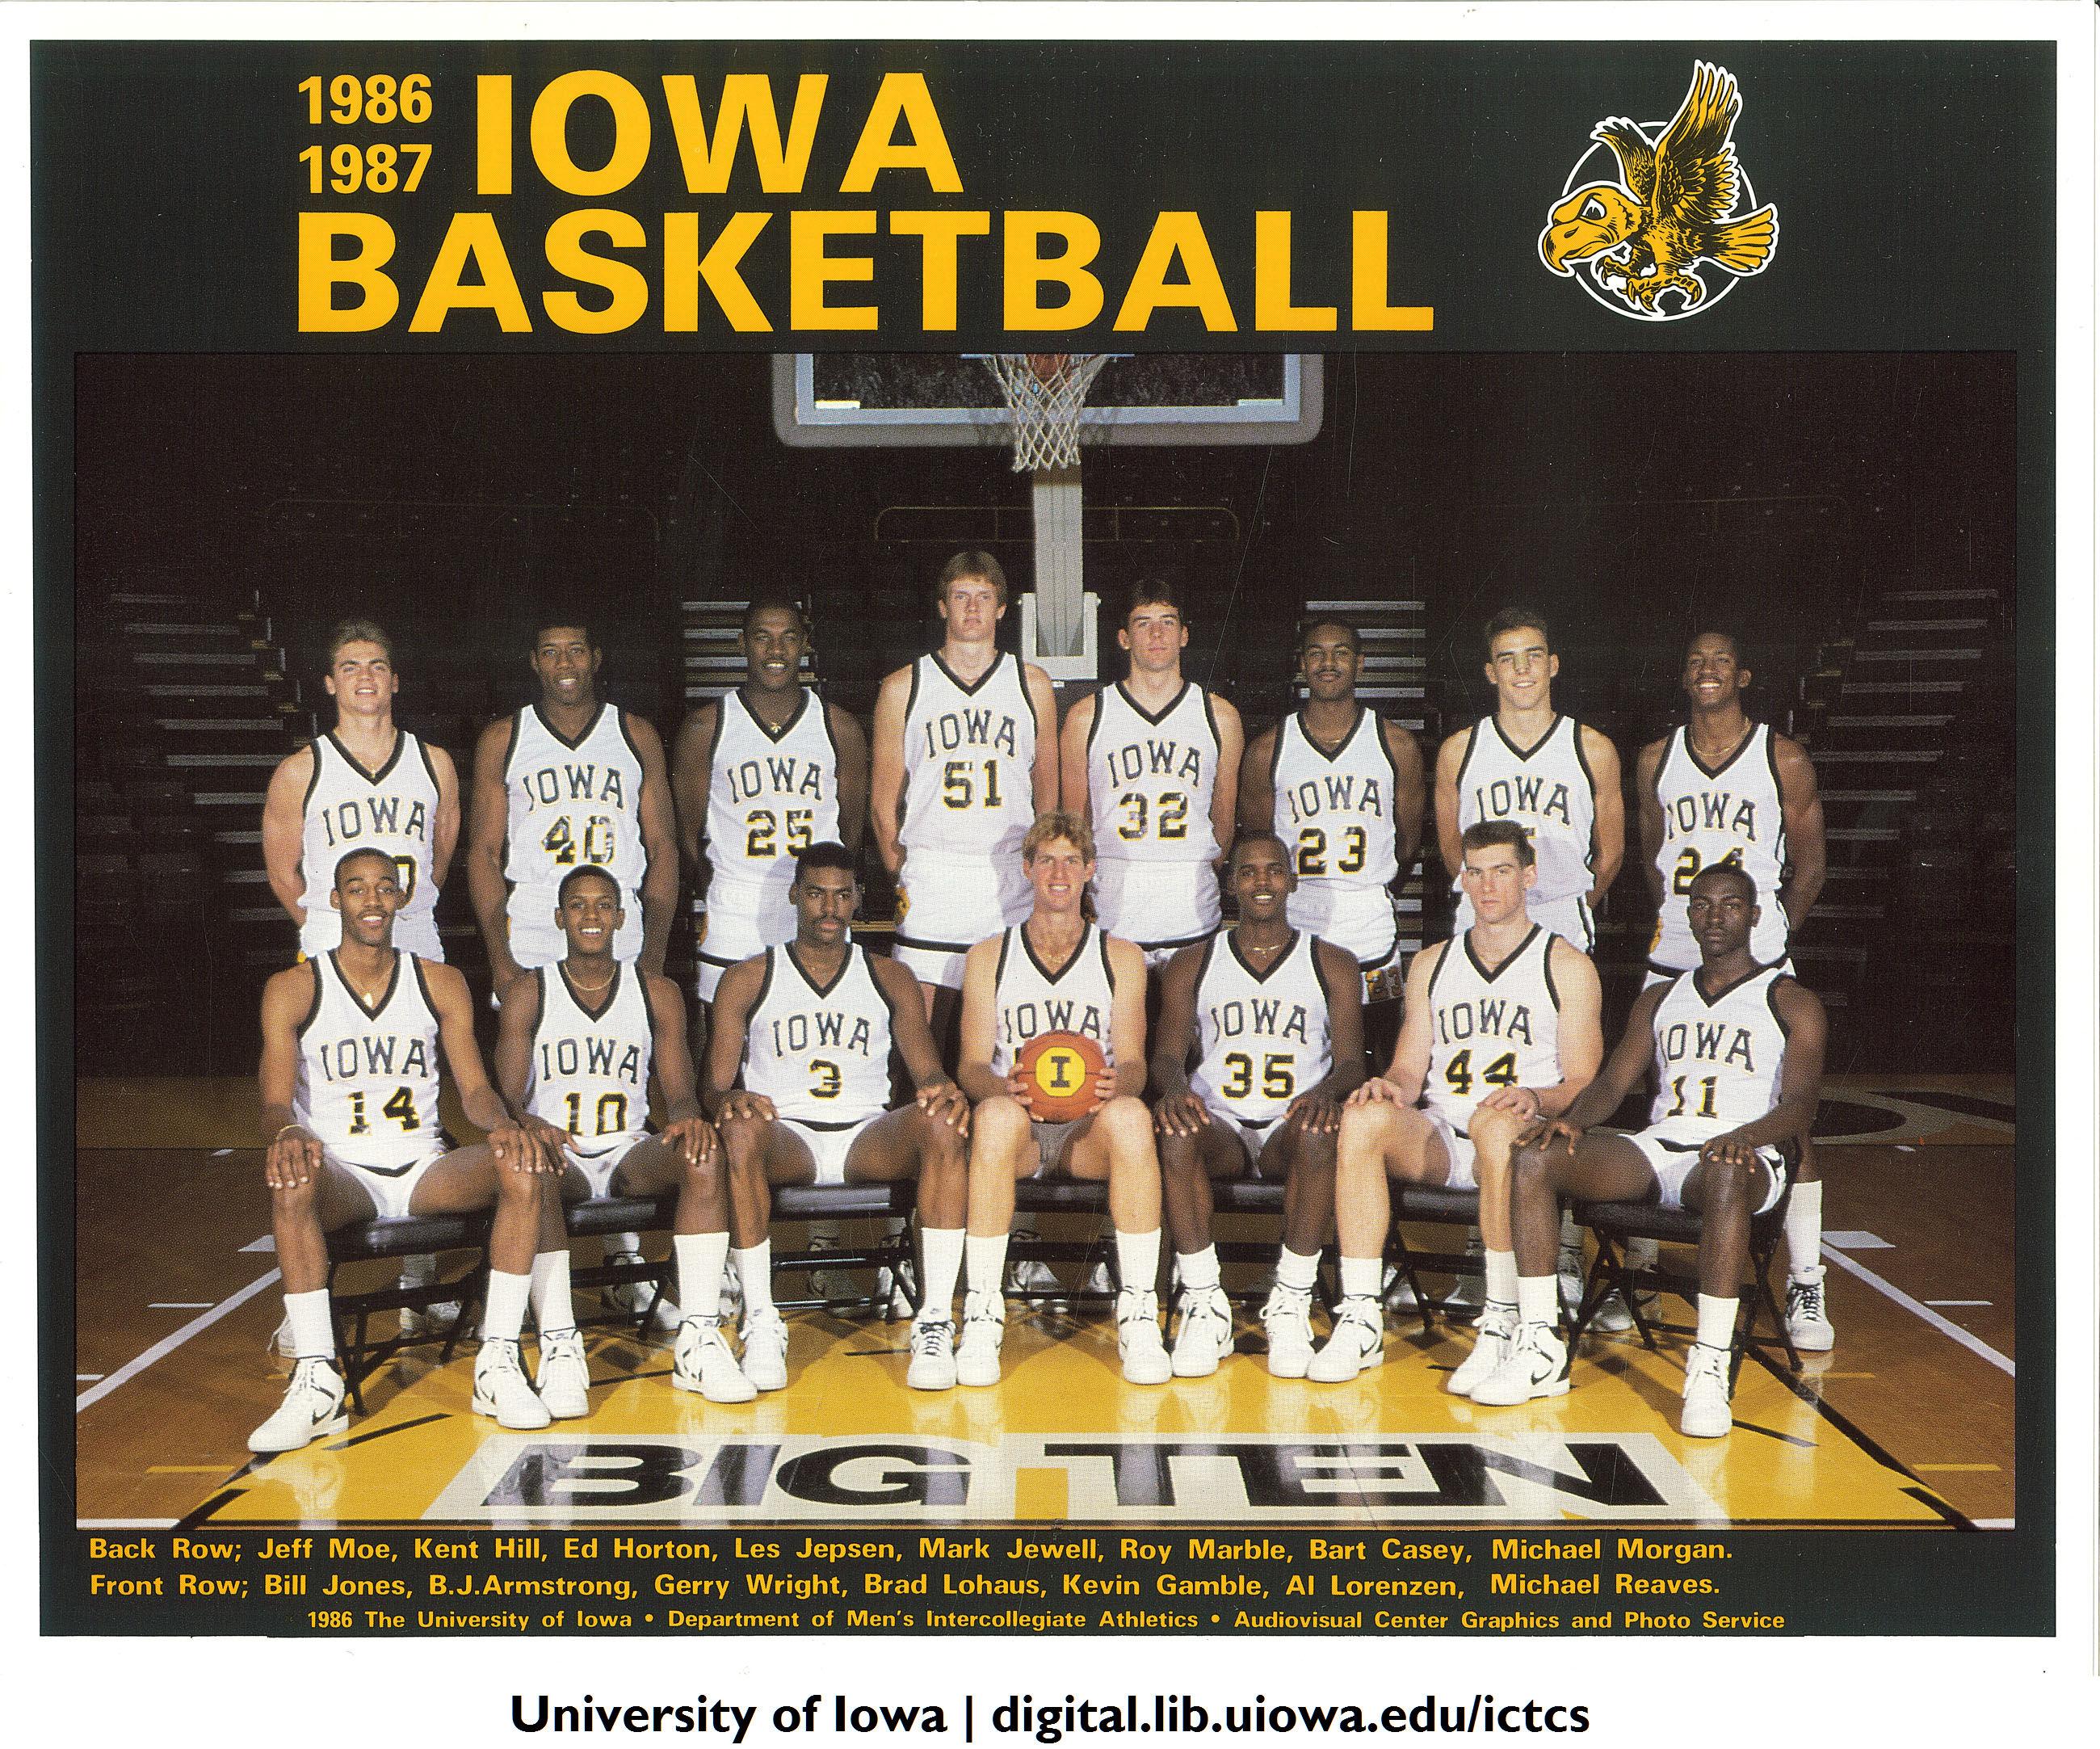 1986 1987 Iowa Basketball Team The University Of Iowa 19